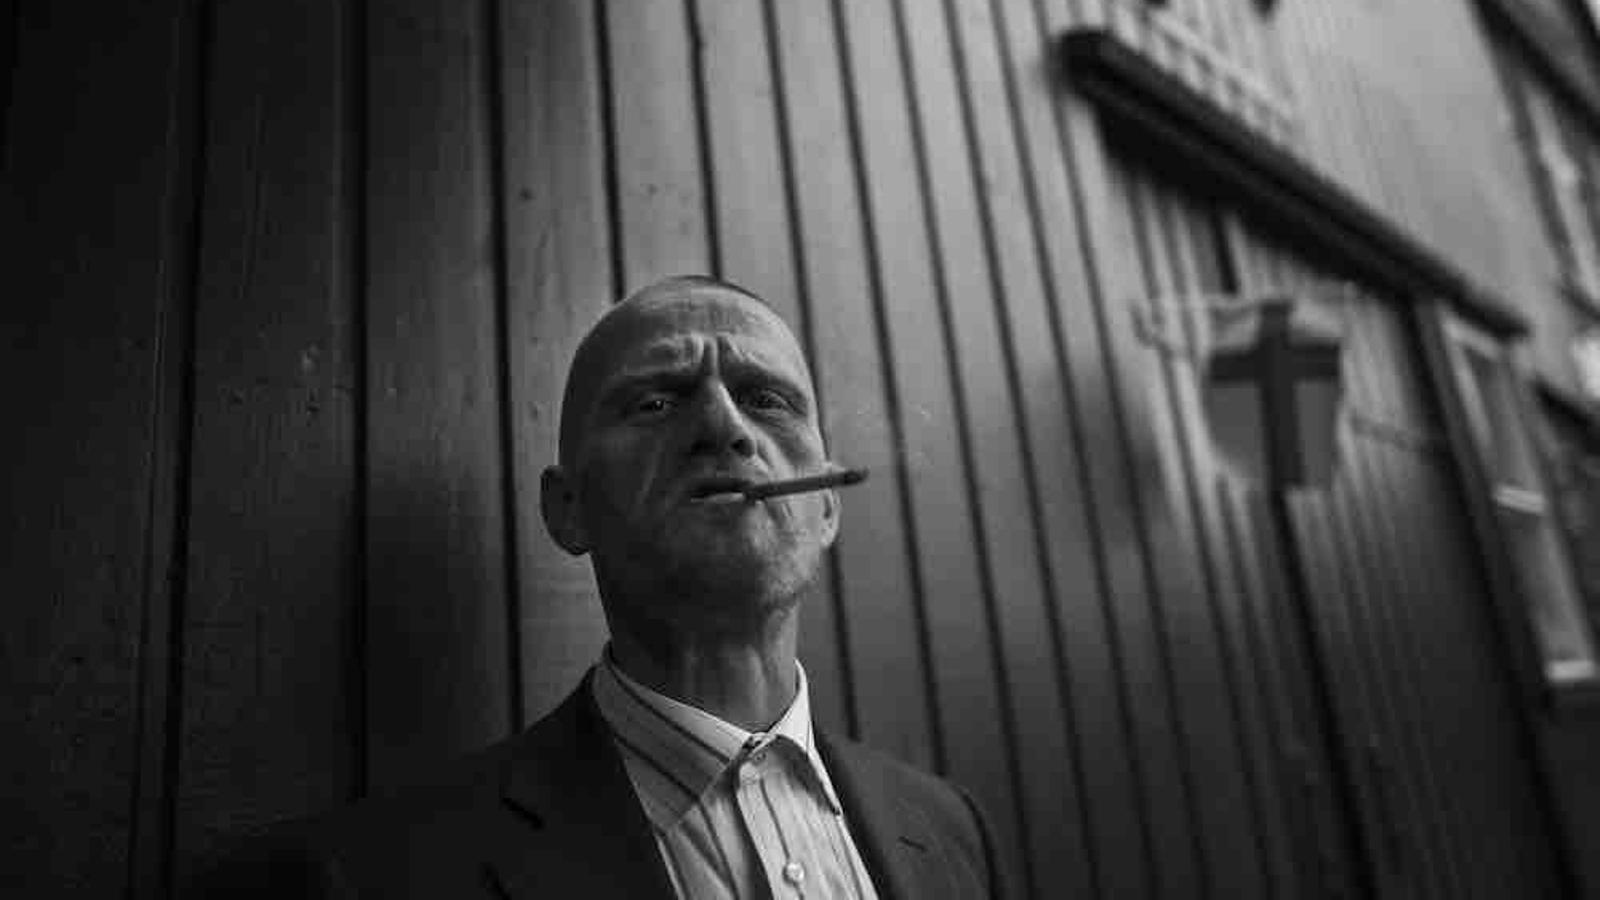 Meinar Ruer, nascut a Tórshavn fa 41 anys. De jove es va traslladar a Dinamarca, on va viure 13 anys als carrers de Copenhaguen perquè no s'atrevia a tornar al seu país com un fracassat. Ara hi viu amb la família / Guillem Trius